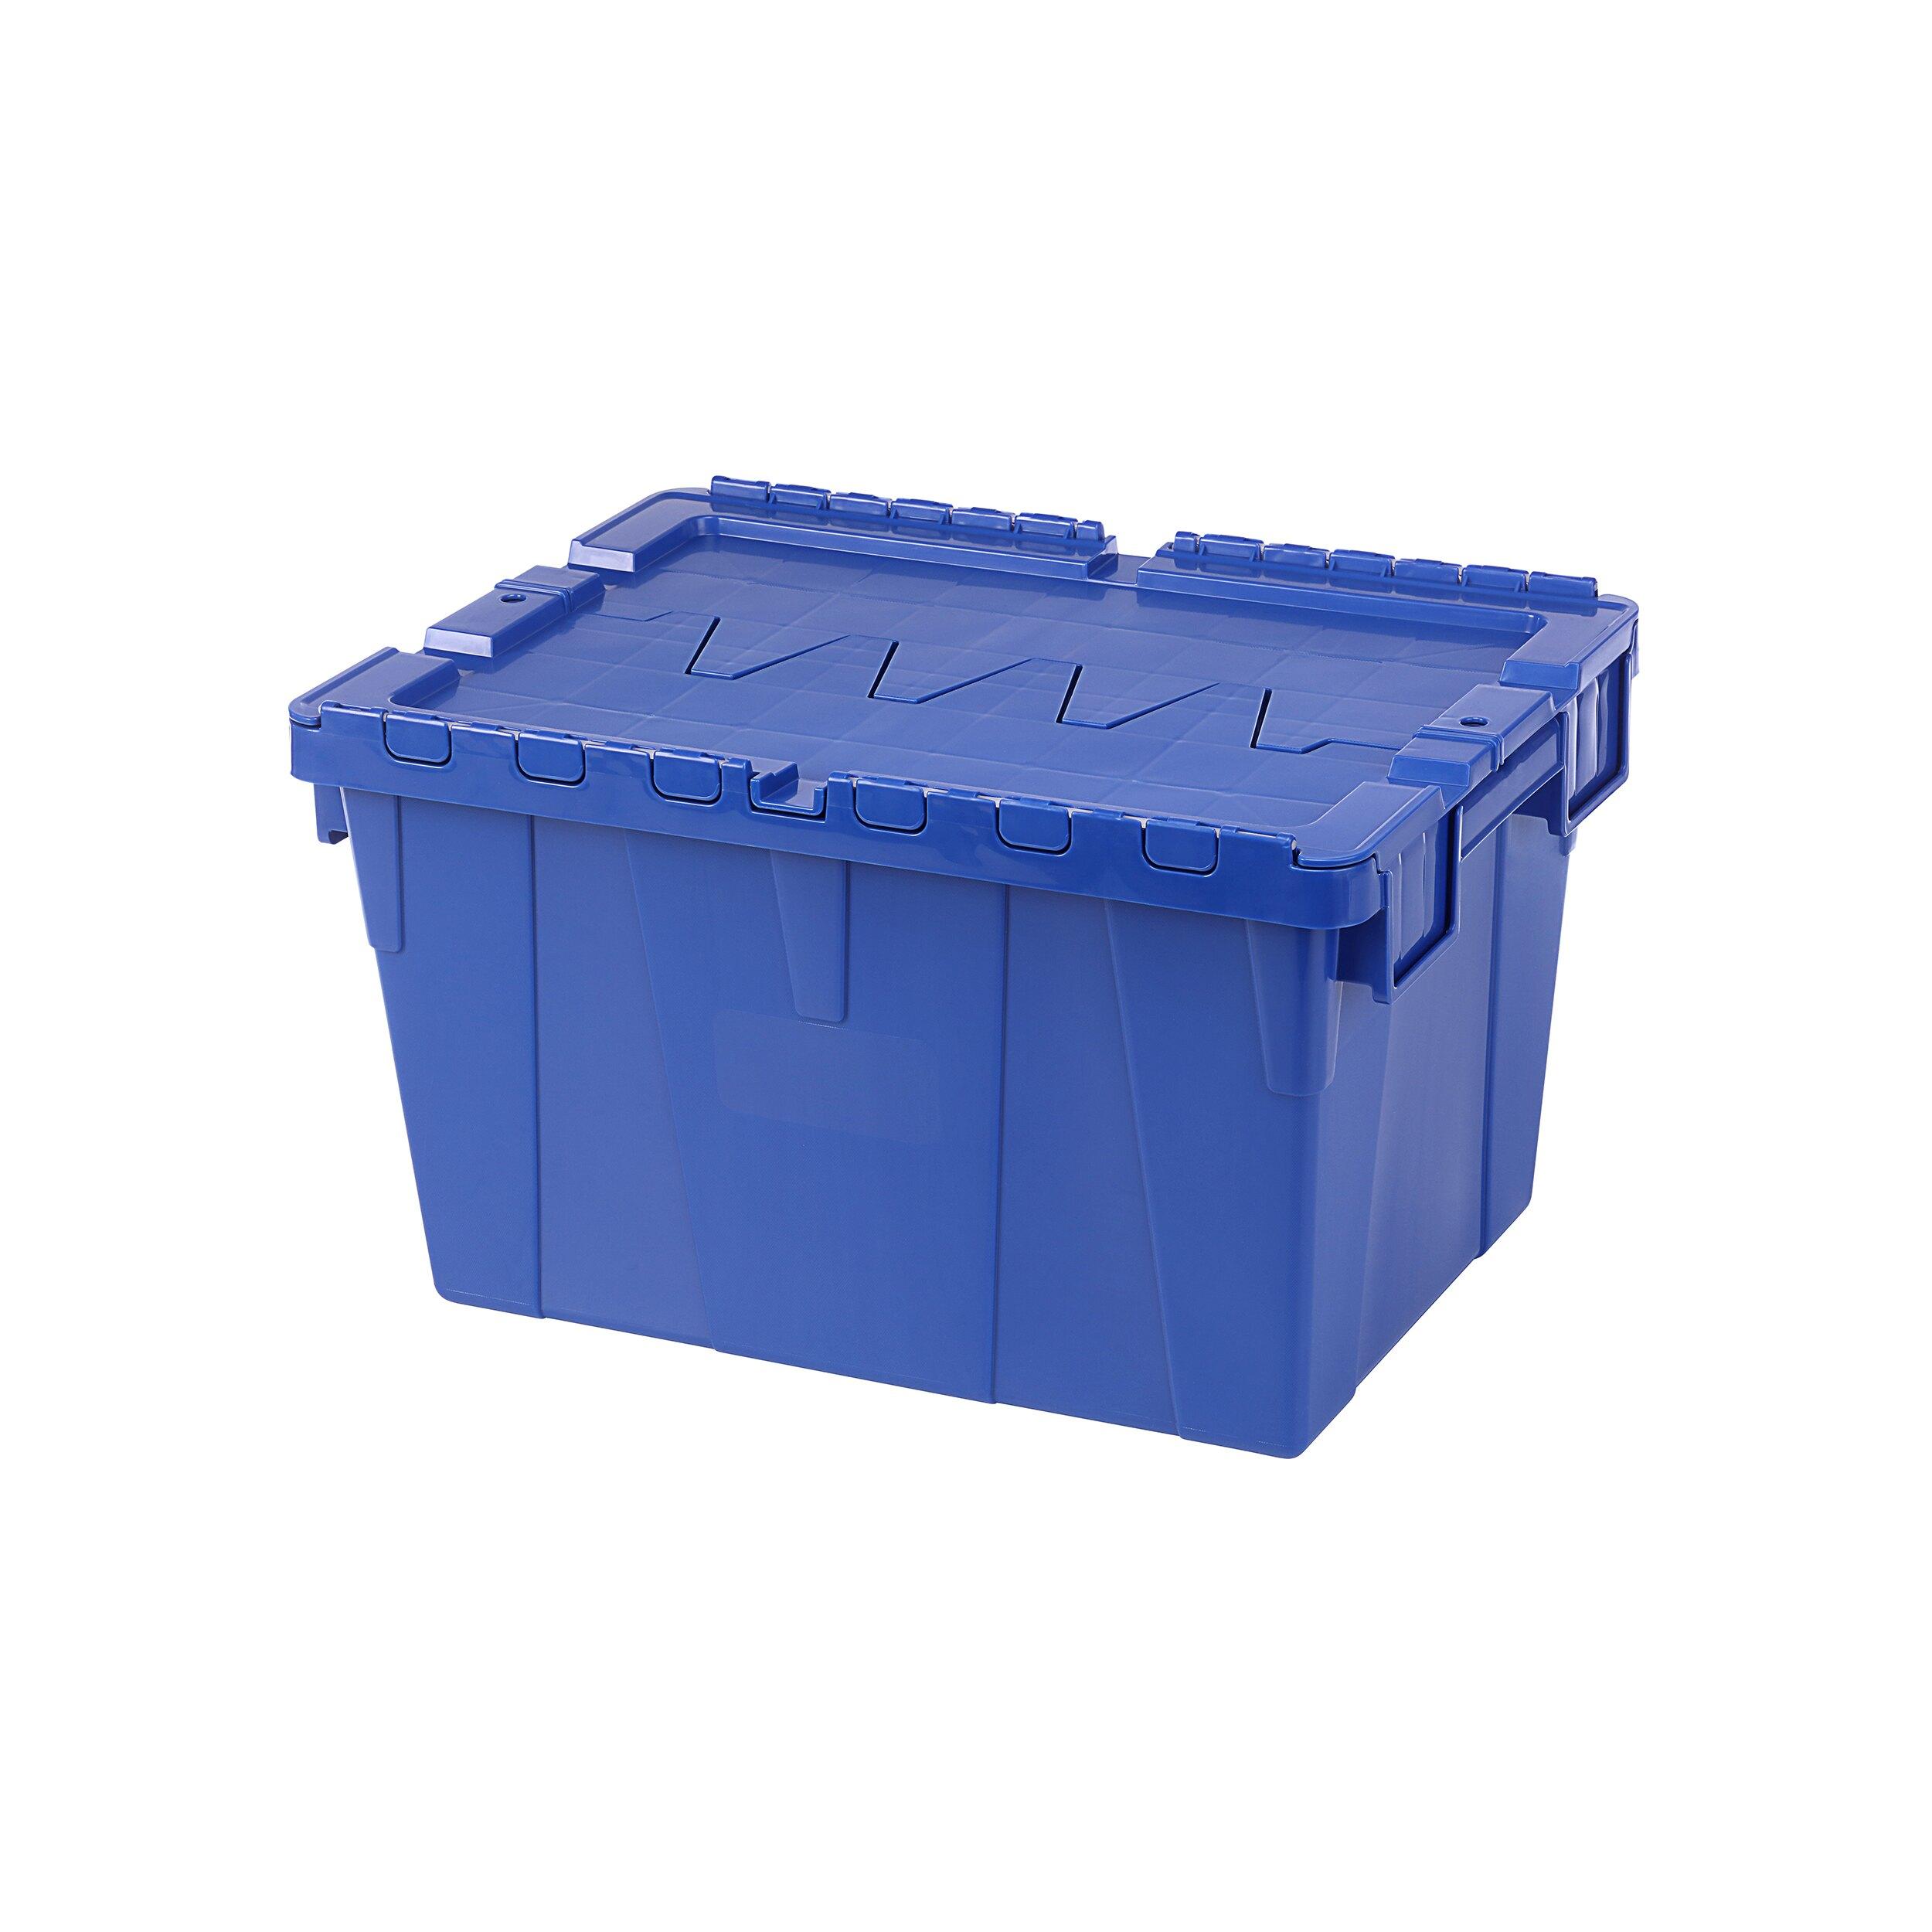 搬運物流箱/分類高手/MIT台灣製造 KEYWAY 3號物流箱(藍) BL50-3  KEYWAY聯府